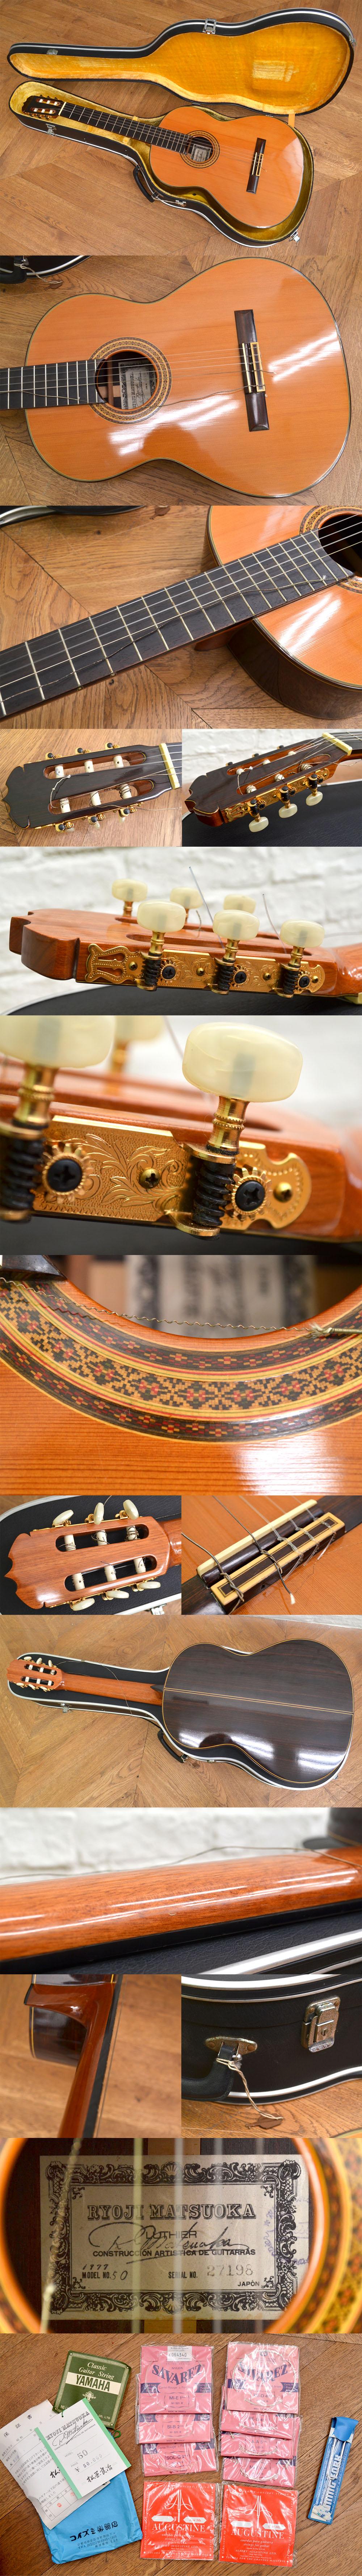 ■松岡良治■1977年製NO50クラシックギター■ケース付き■